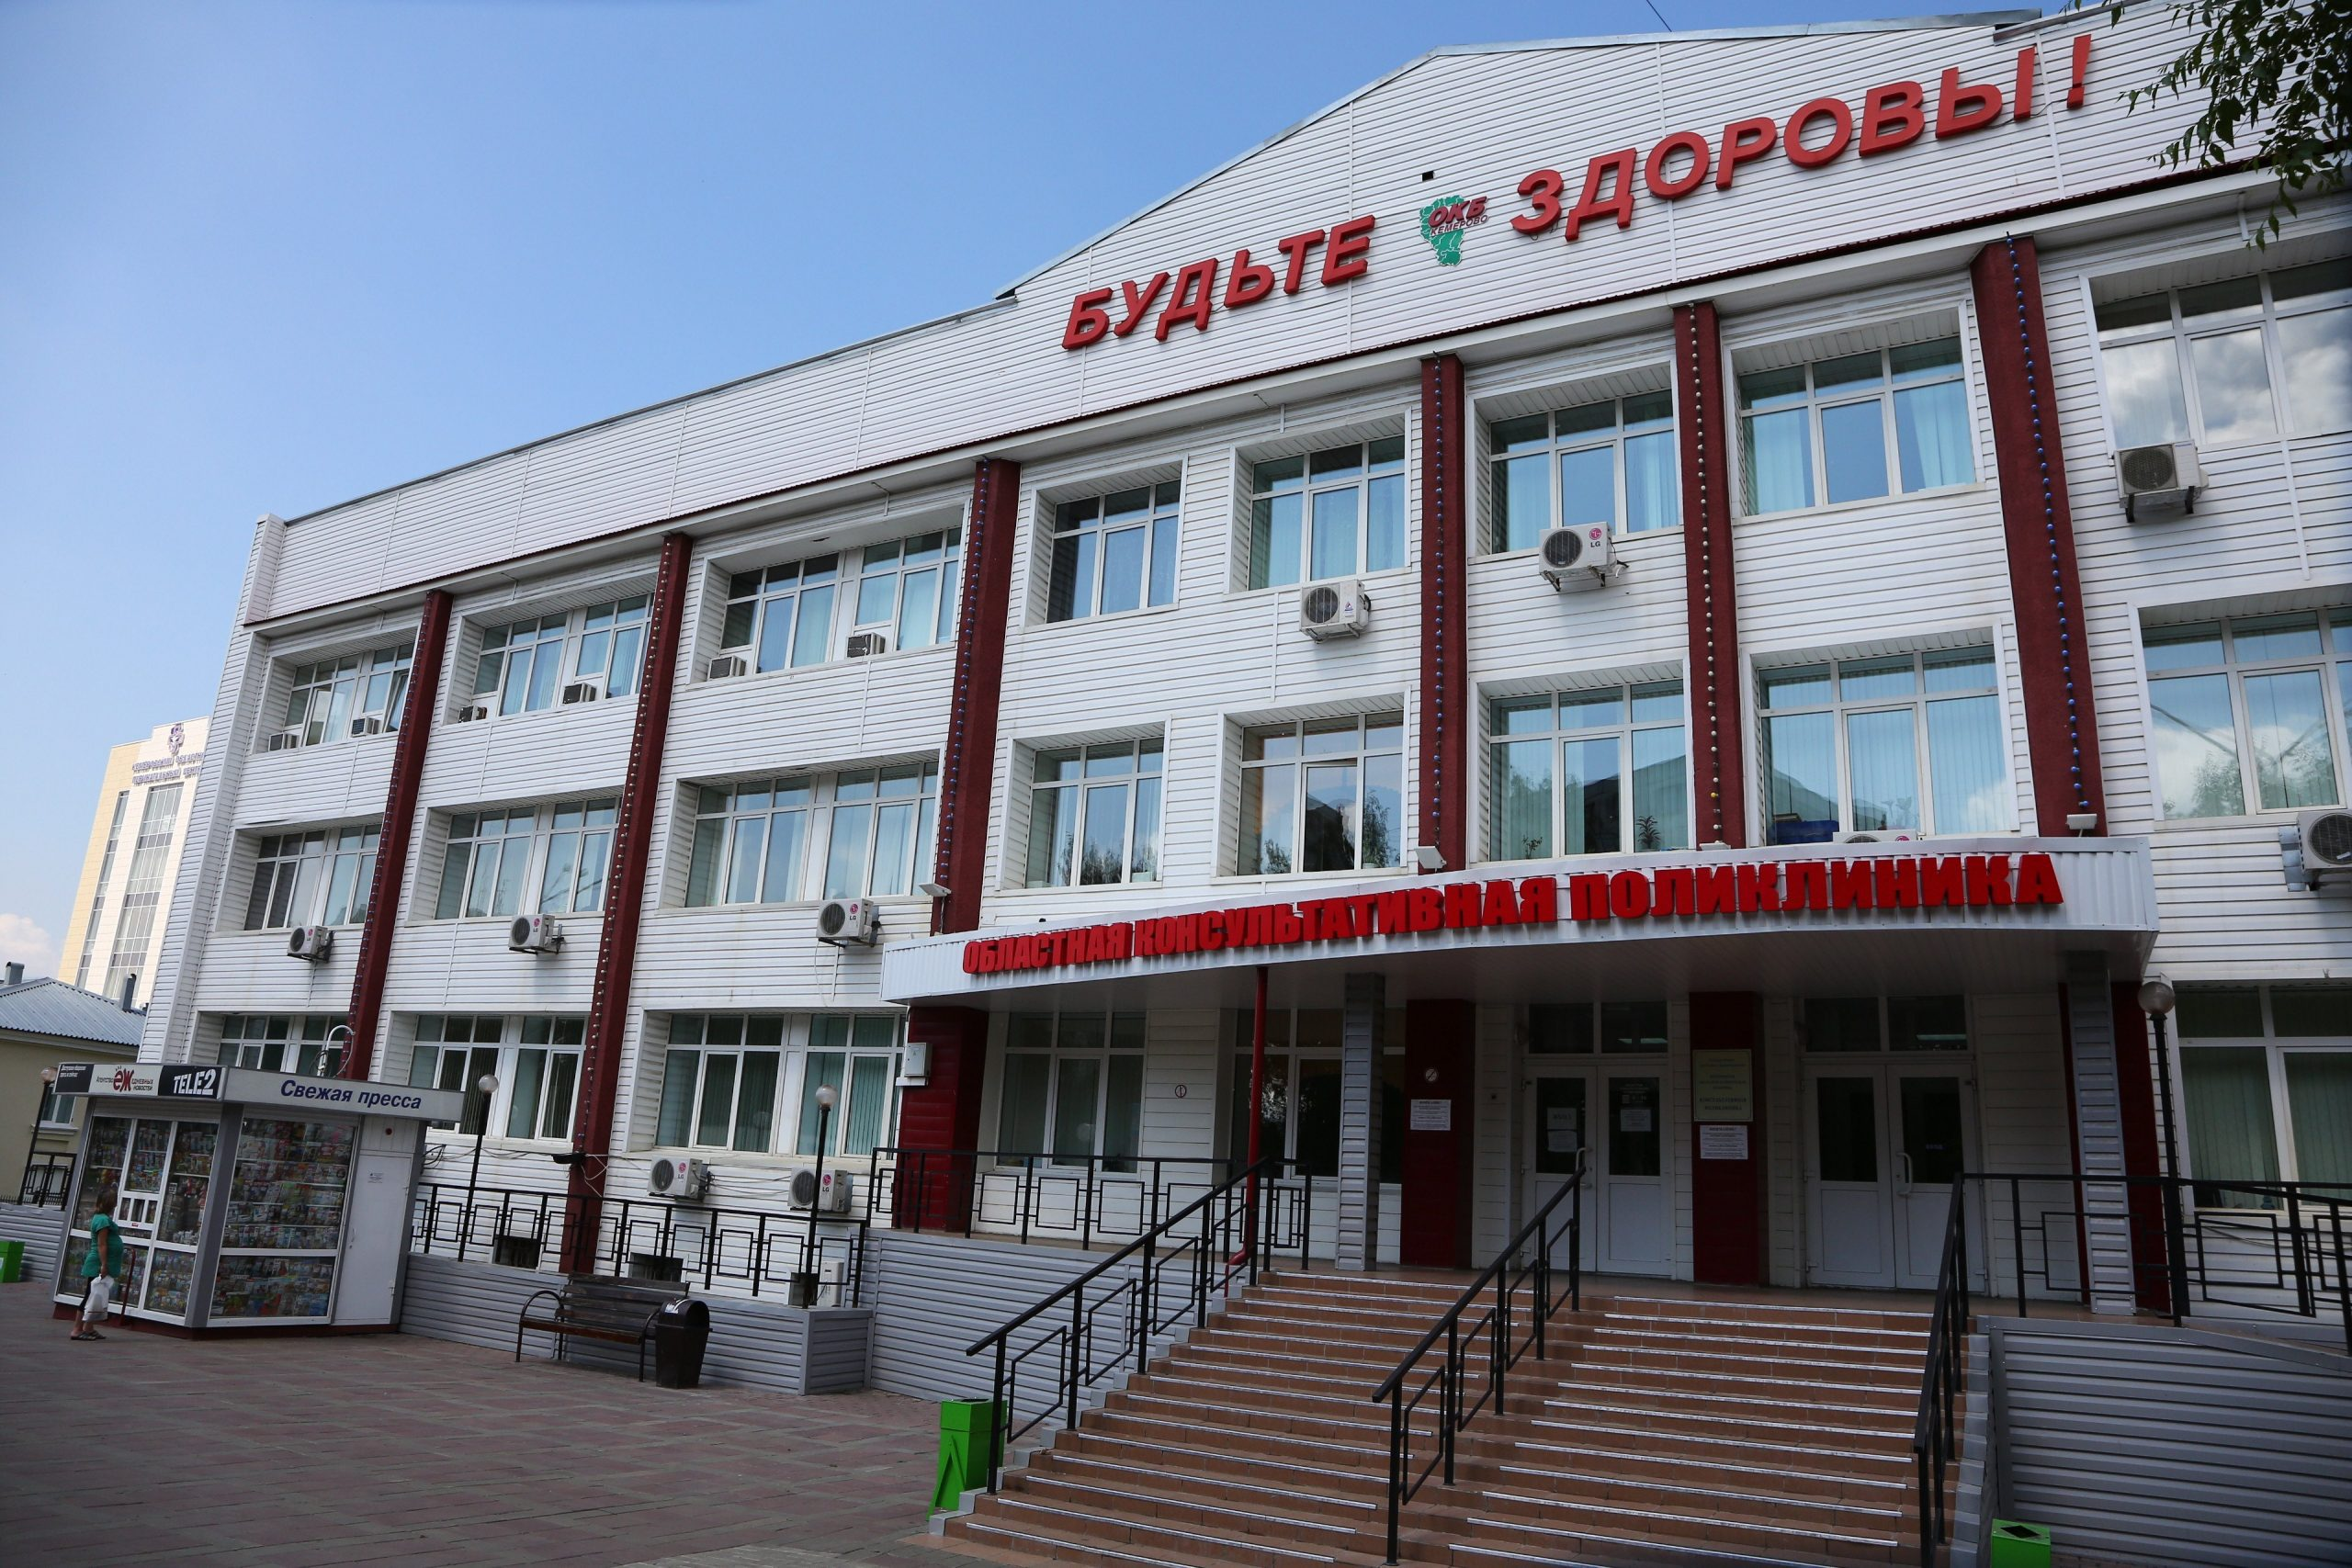 Жители Кузбасса жалуются на нехватку лекарств в больницах